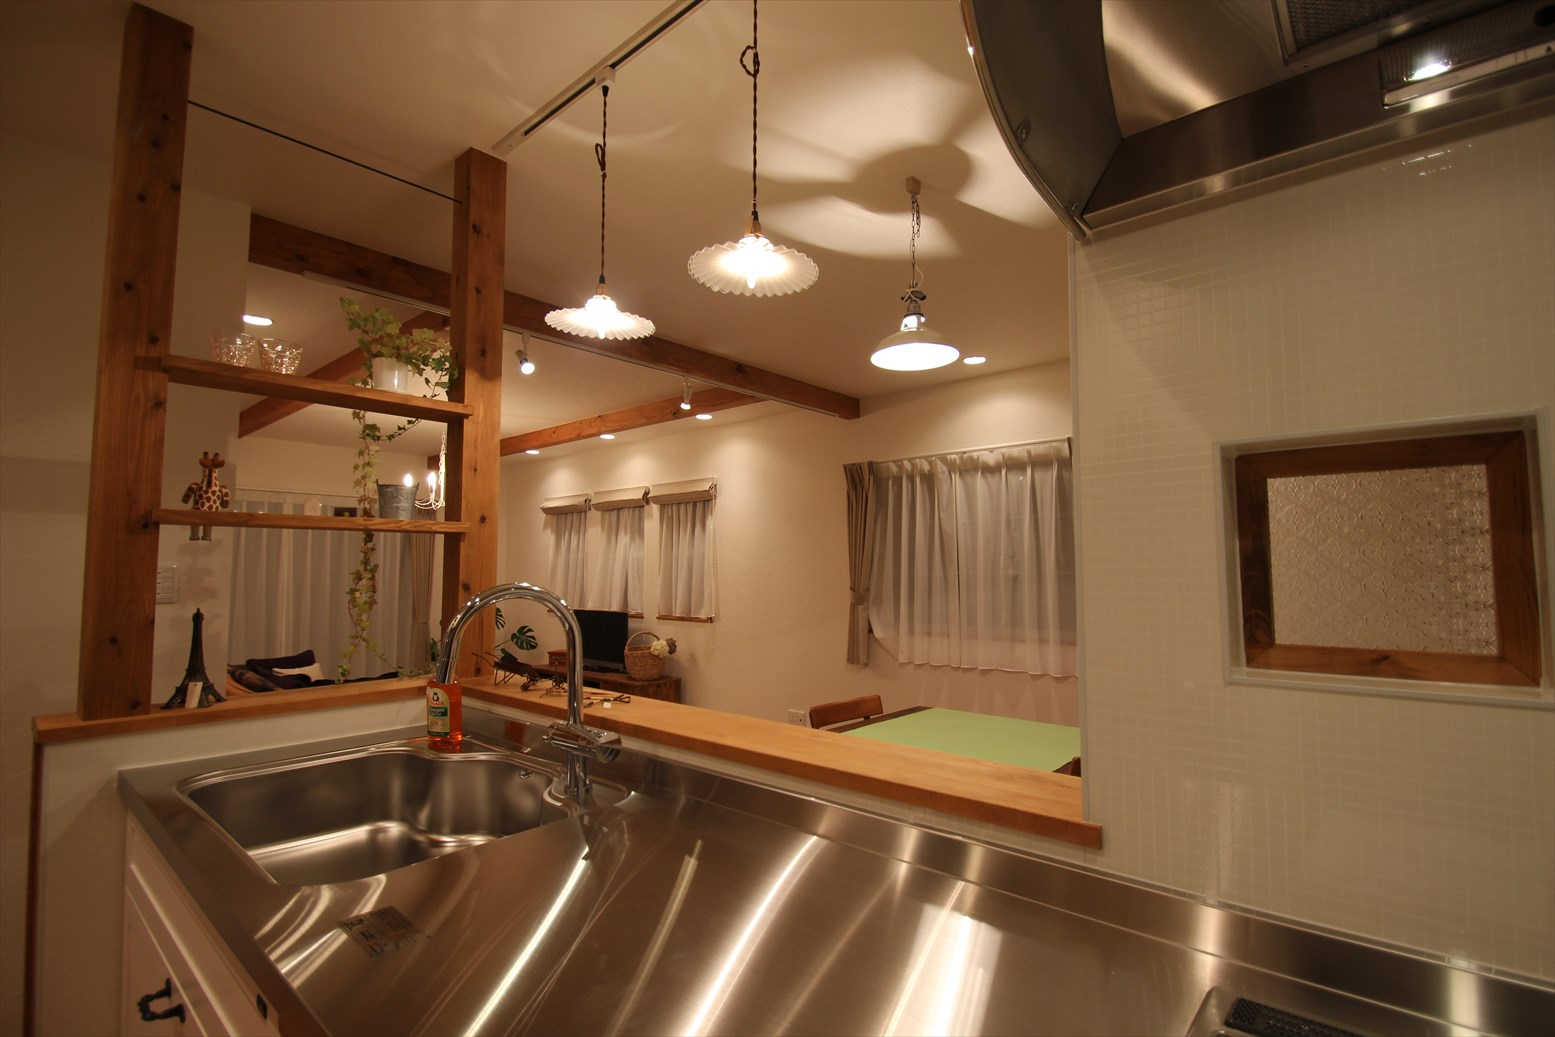 スパニッシュスタイルの家|石川県金沢市の注文住宅・デザイン性・新築の家・戸建て|E-HOUSE